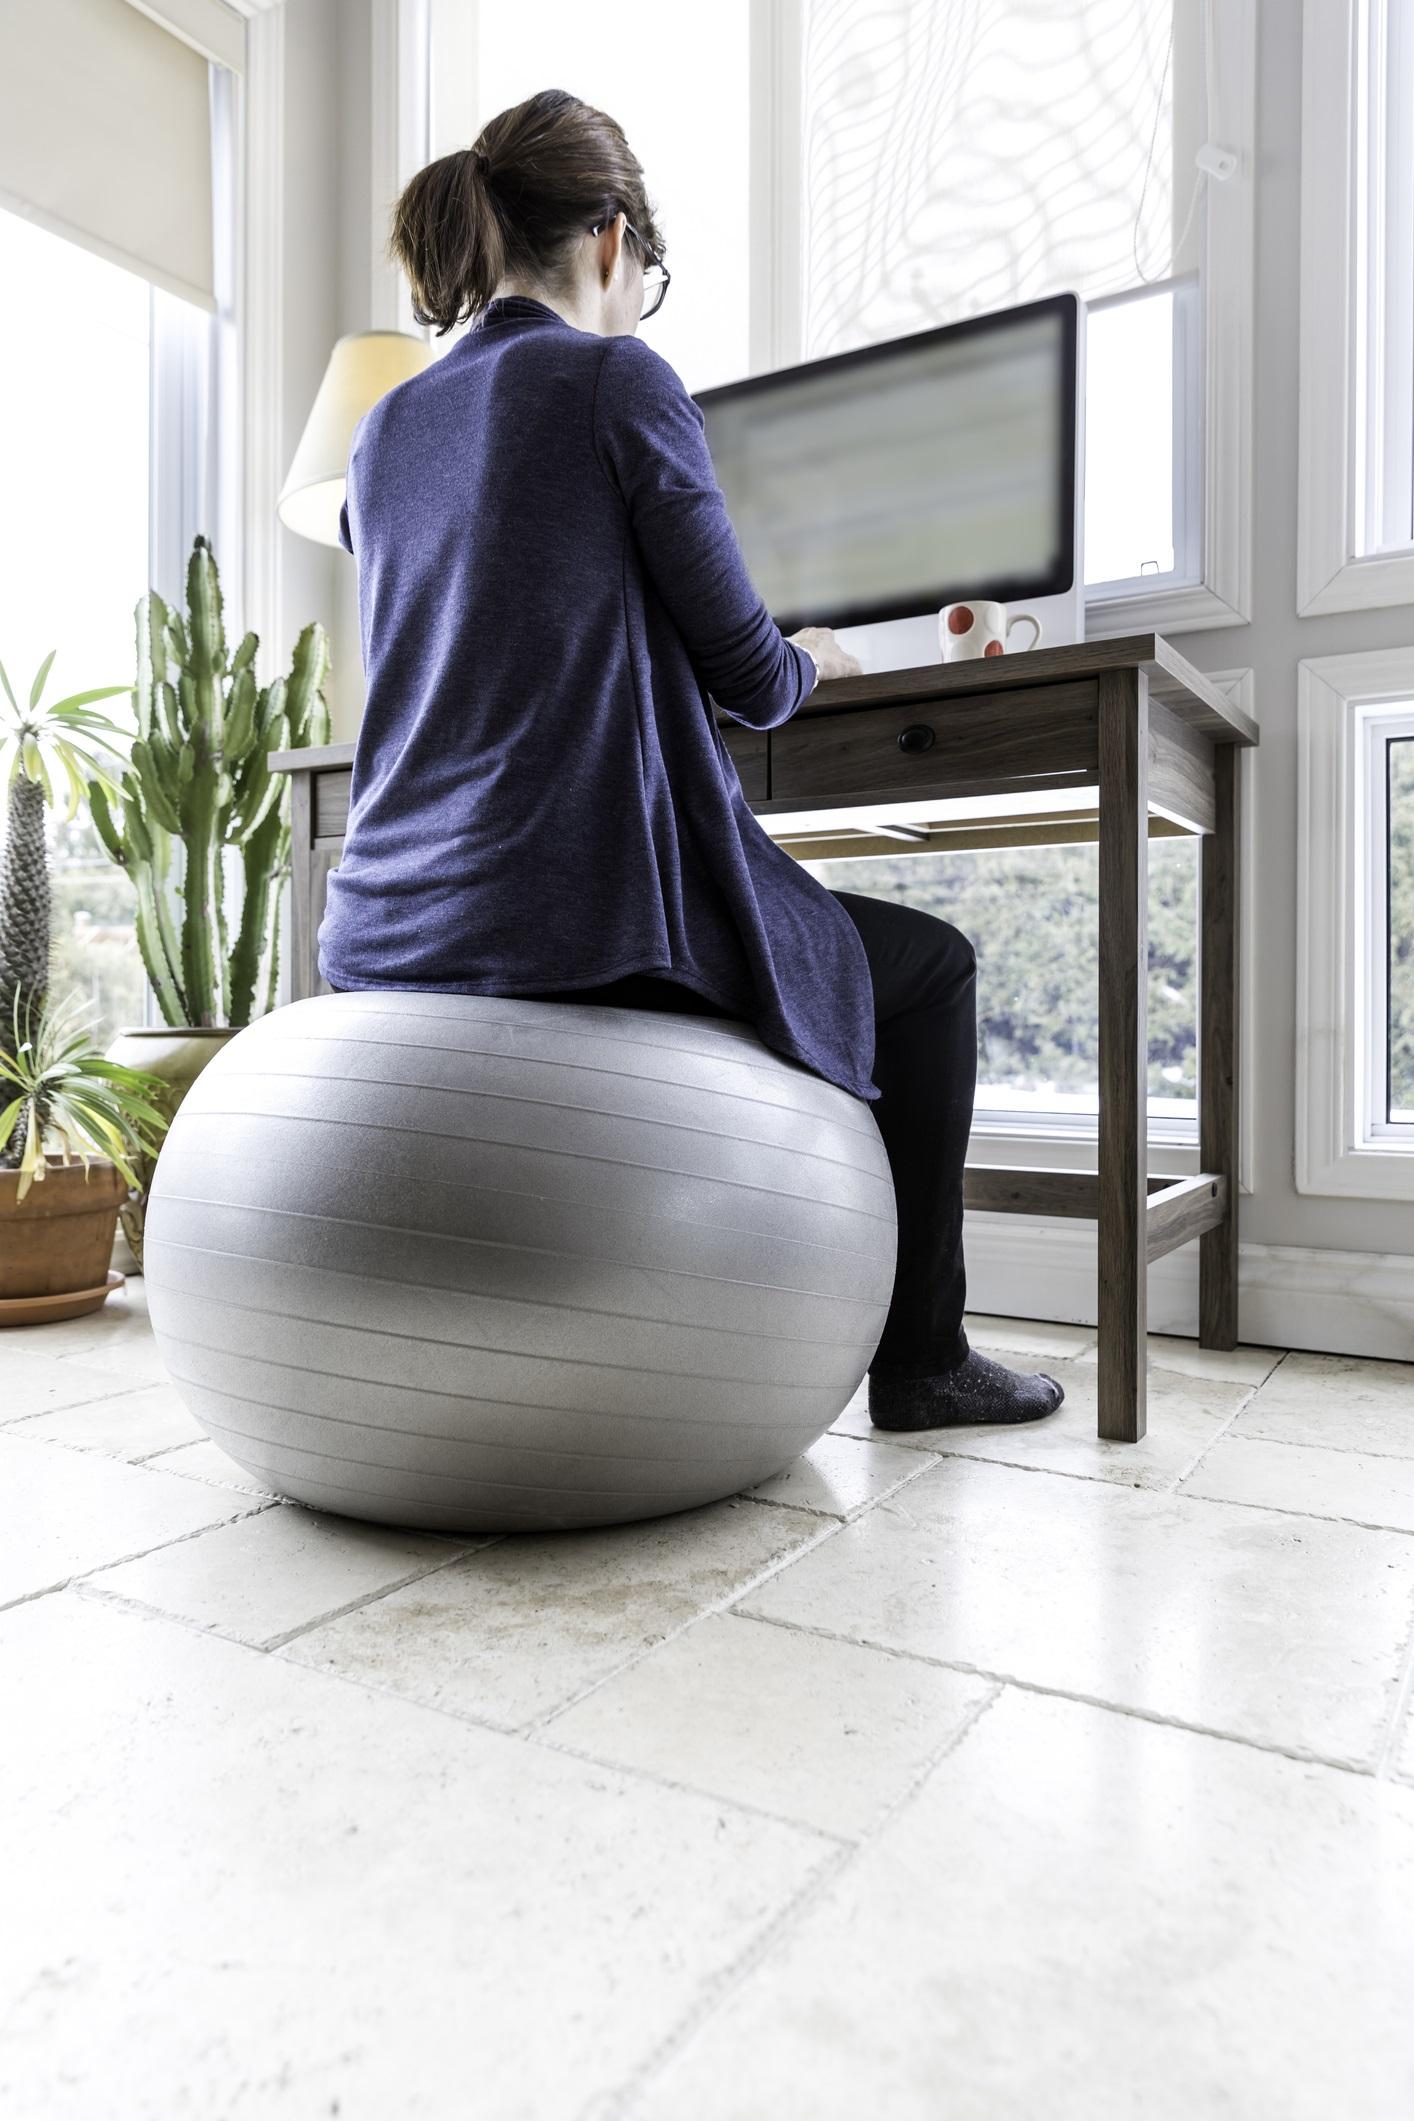 <p><strong>Махнете стола</strong></p>  <p>Ако искате да изгорите калории, докато седите, инвестирайте в топка за гимнастика. Сменете стола пред компютъра с такава топка. Балансирането на топка ще ви помогне да стегнете корема, гърба и краката и в същото време ще изгорите калории.</p>